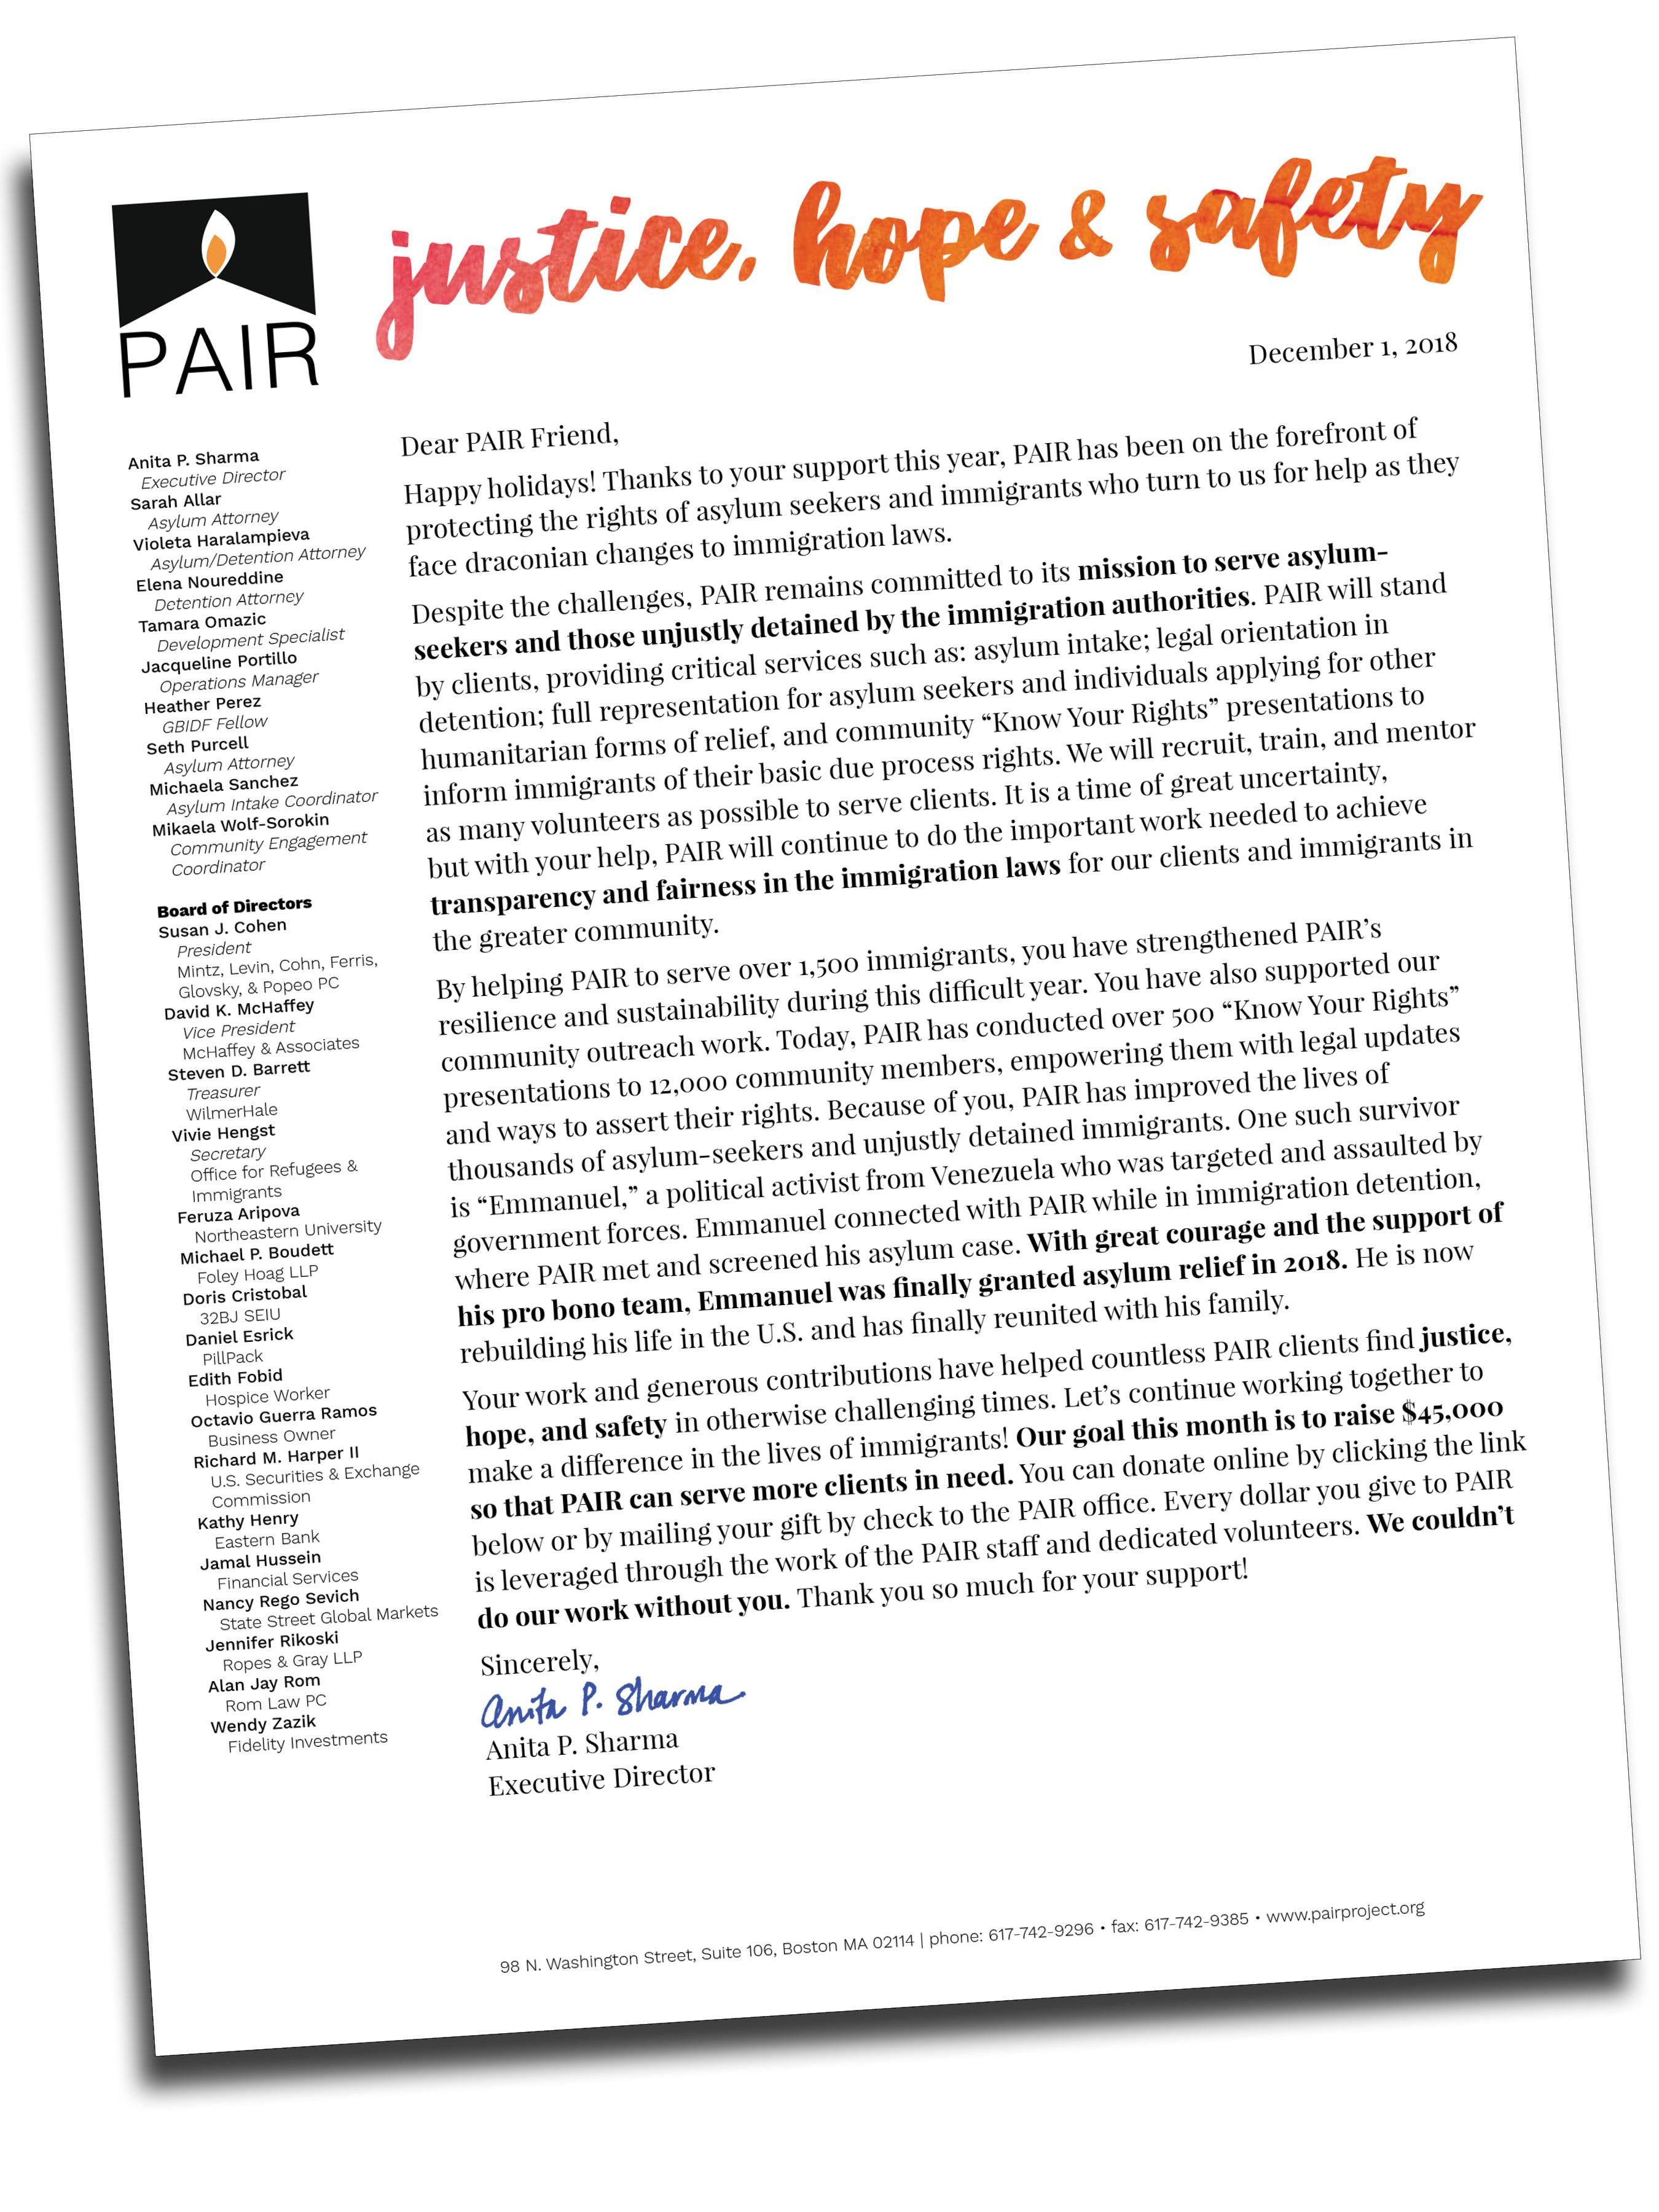 Website Letter